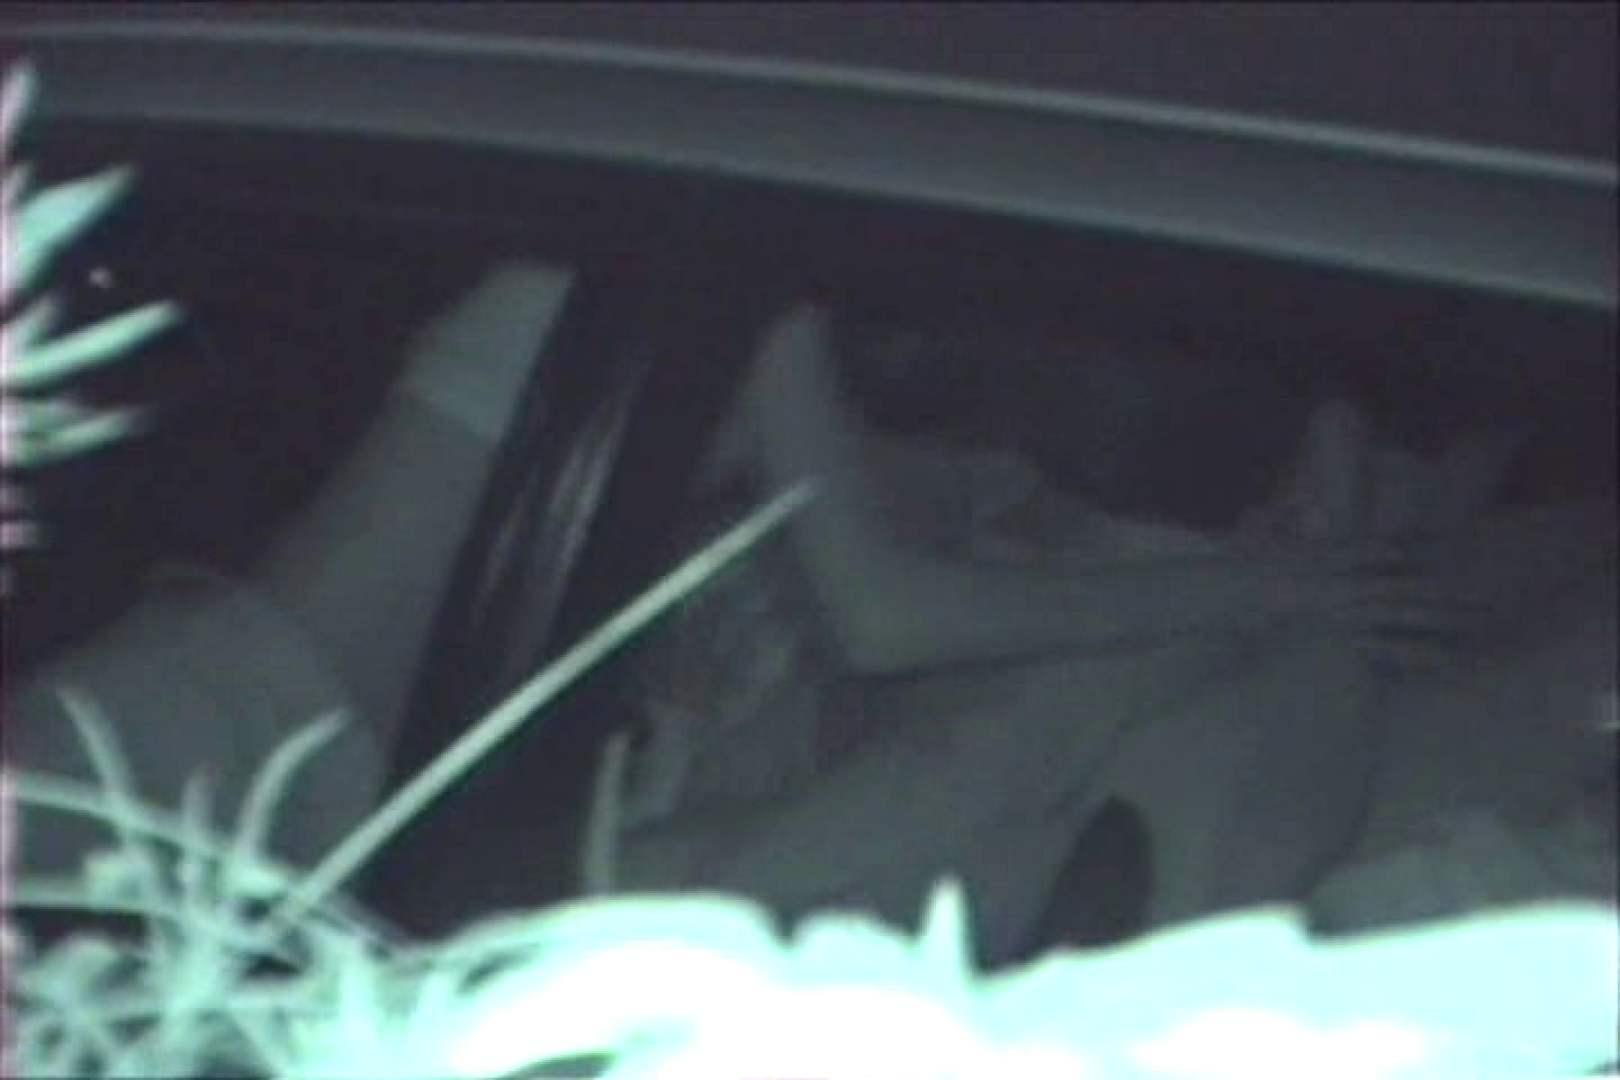 車の中はラブホテル 無修正版  Vol.18 セックス オマンコ動画キャプチャ 100pic 86